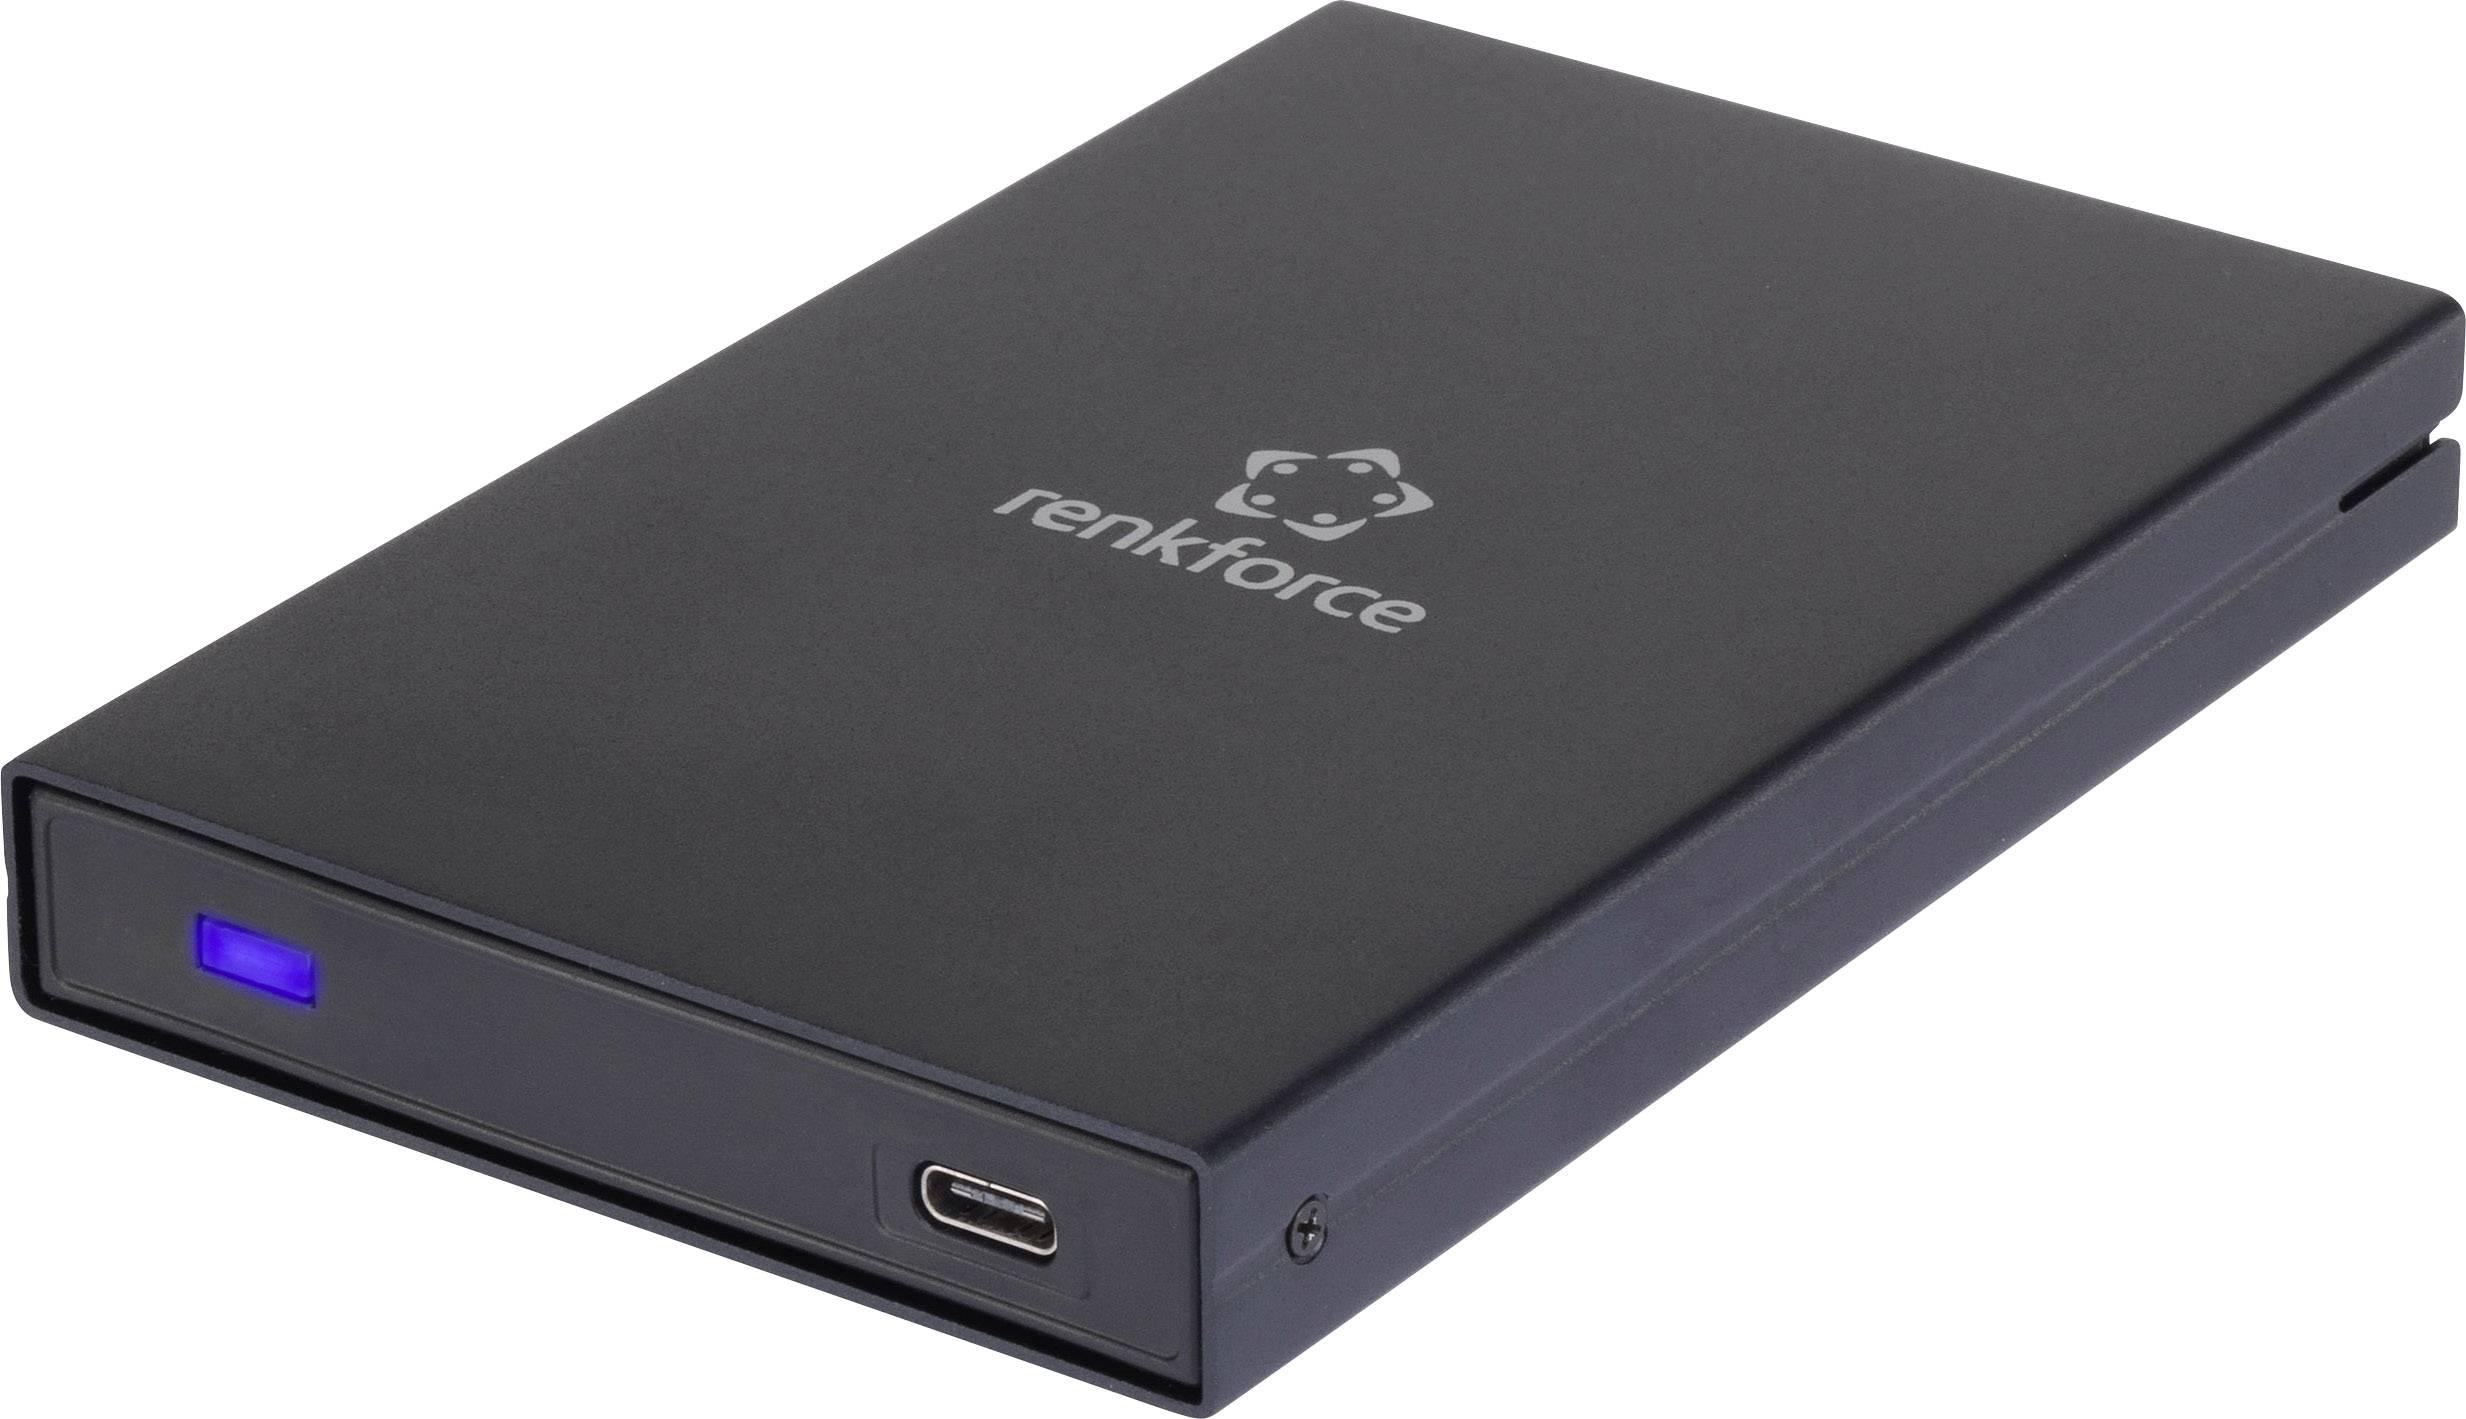 """Puzdro na pevný disk SATA 2.5 """" Renkforce RF-4233384, čierna"""